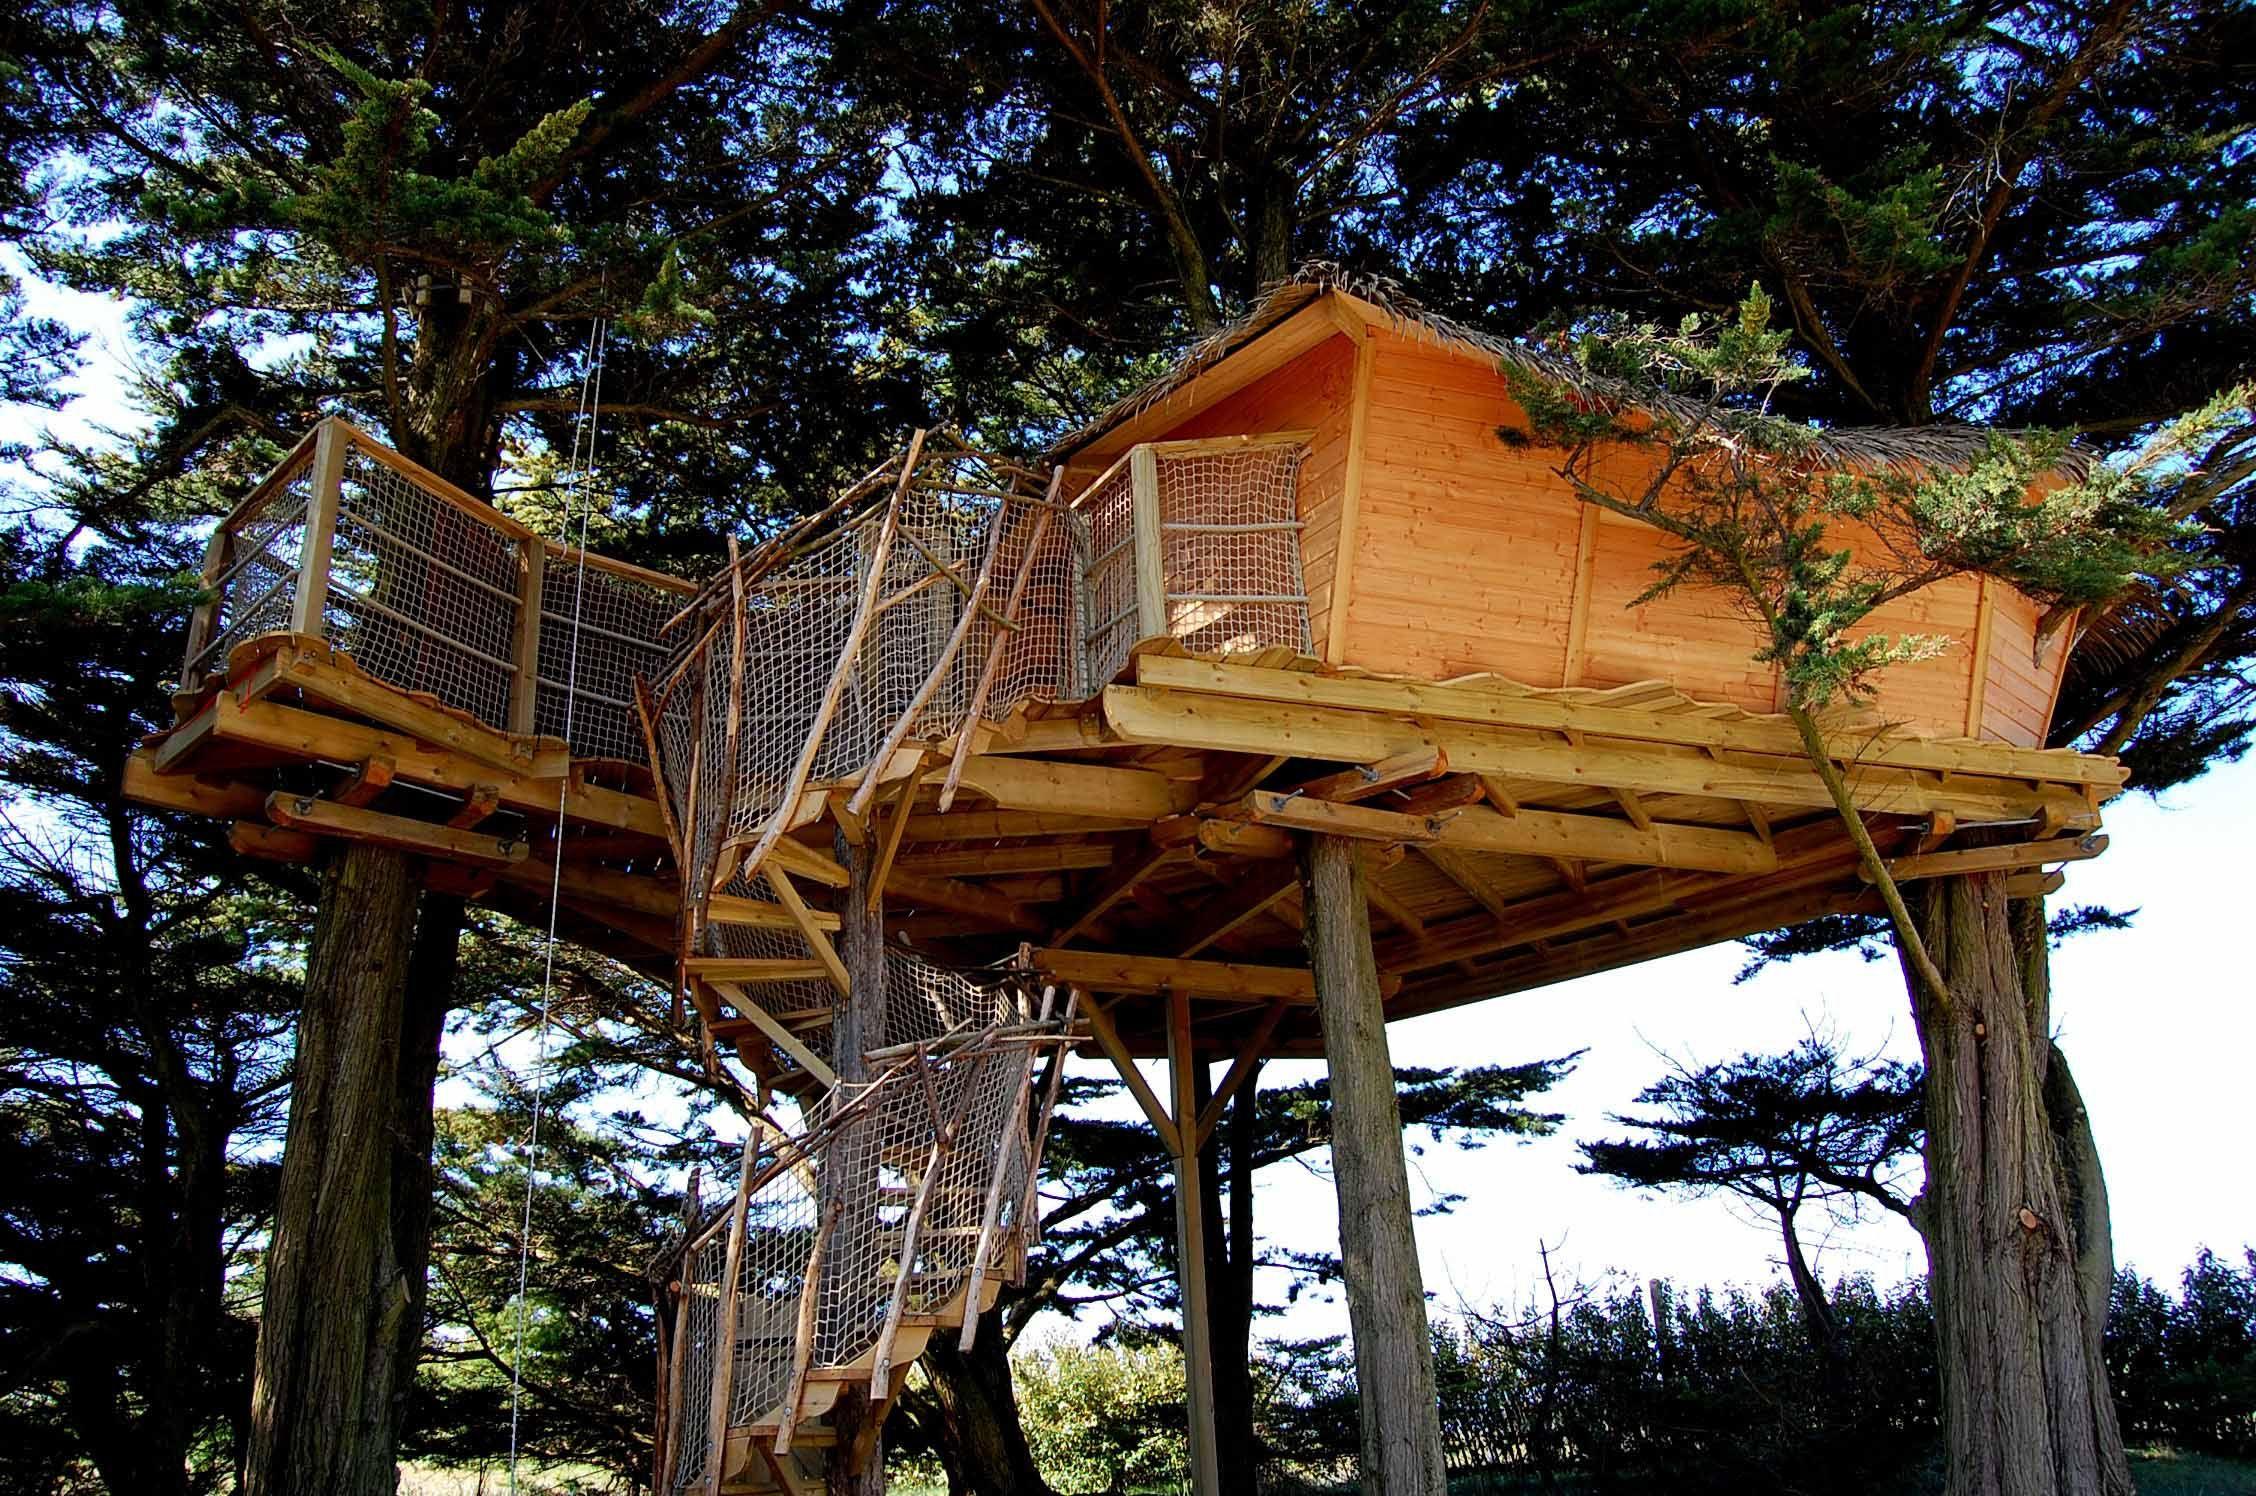 cabane en l air elegant vous aimez dormir dans les arbres isols en pleine nature etre berc par. Black Bedroom Furniture Sets. Home Design Ideas